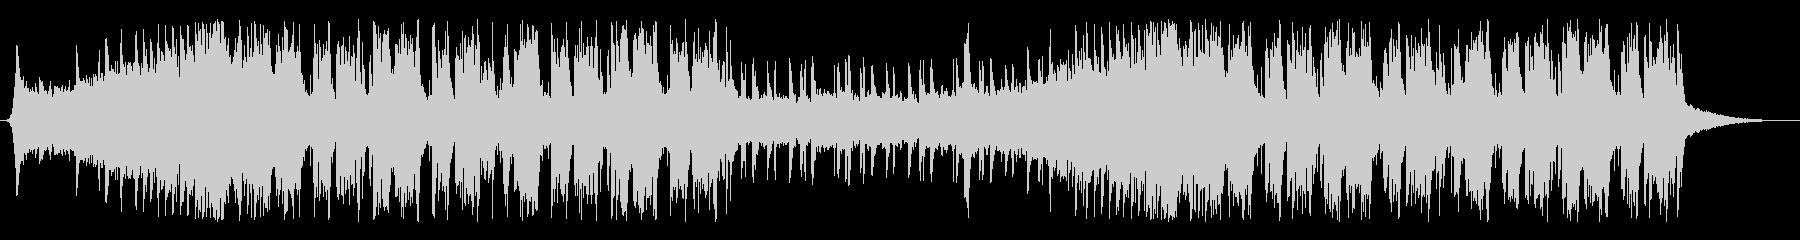 future bass /EDM/クールの未再生の波形